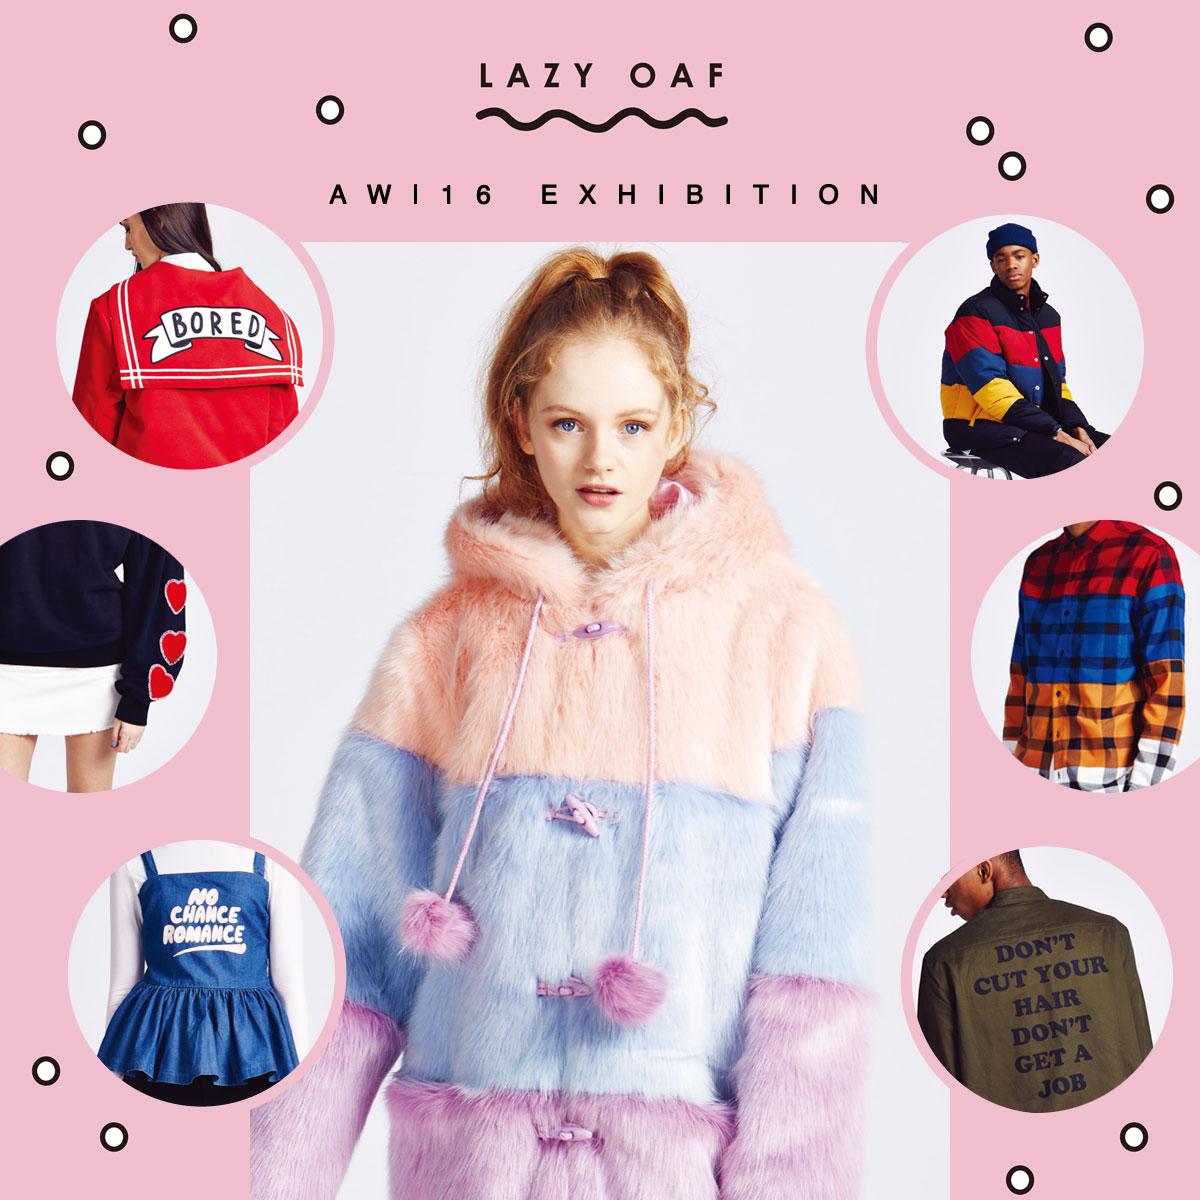 LAZY-OAF-WOMENS-AW16.jpg